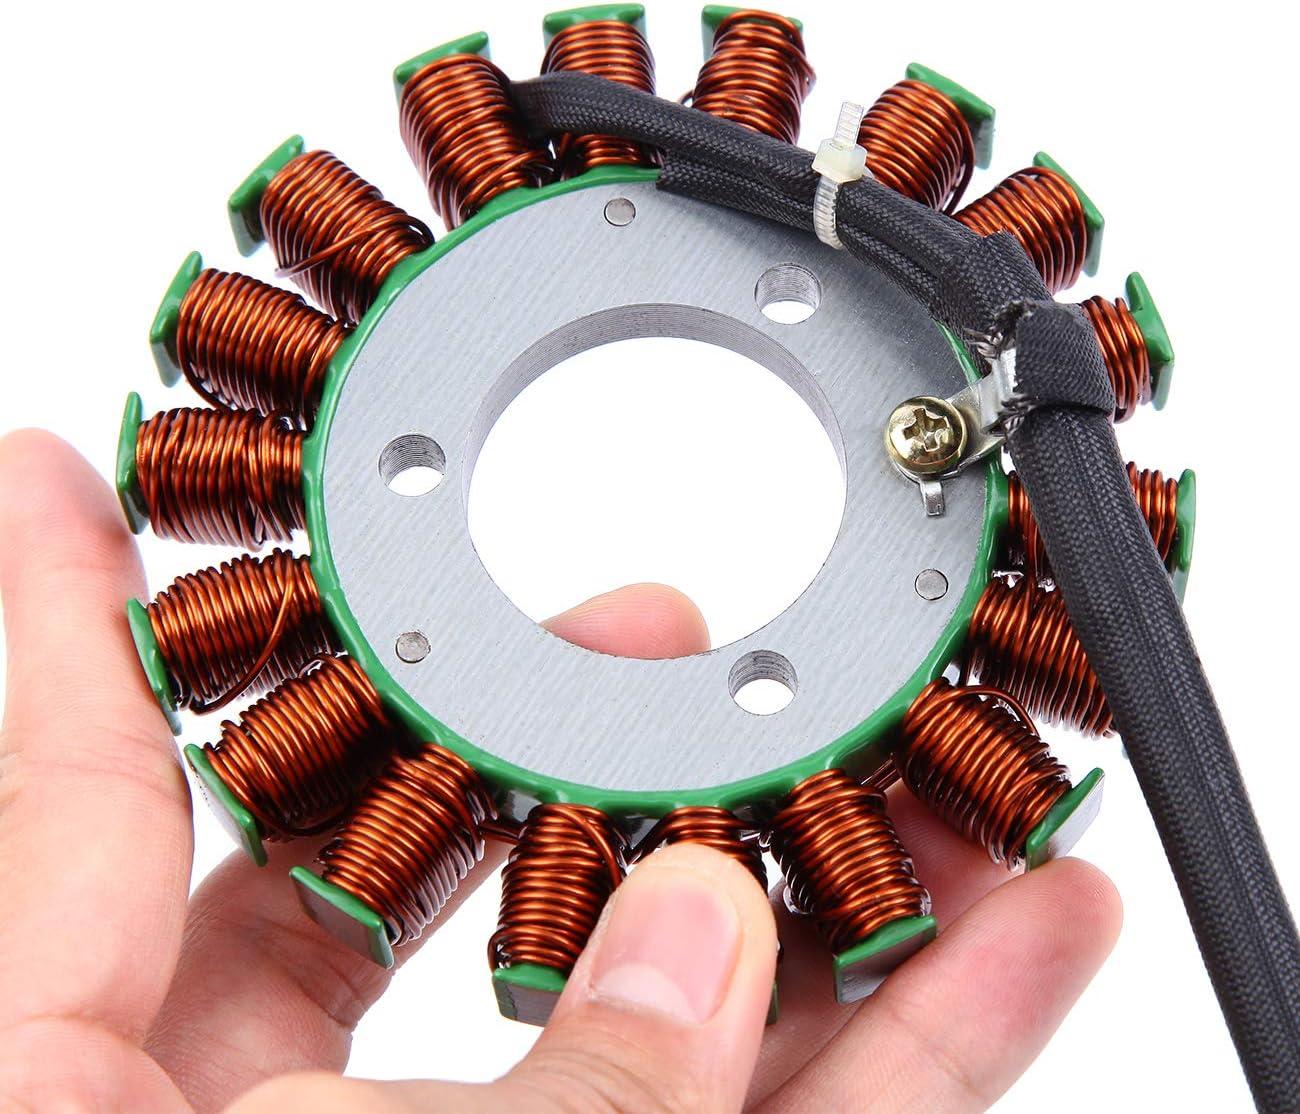 Ambienceo Motorcycle Magneto Stator Coil Voltage Regulator Rectifier for Suzuki Gsxr600 Gsxr 600 Gsx-R600 2006 2007 2008-2016